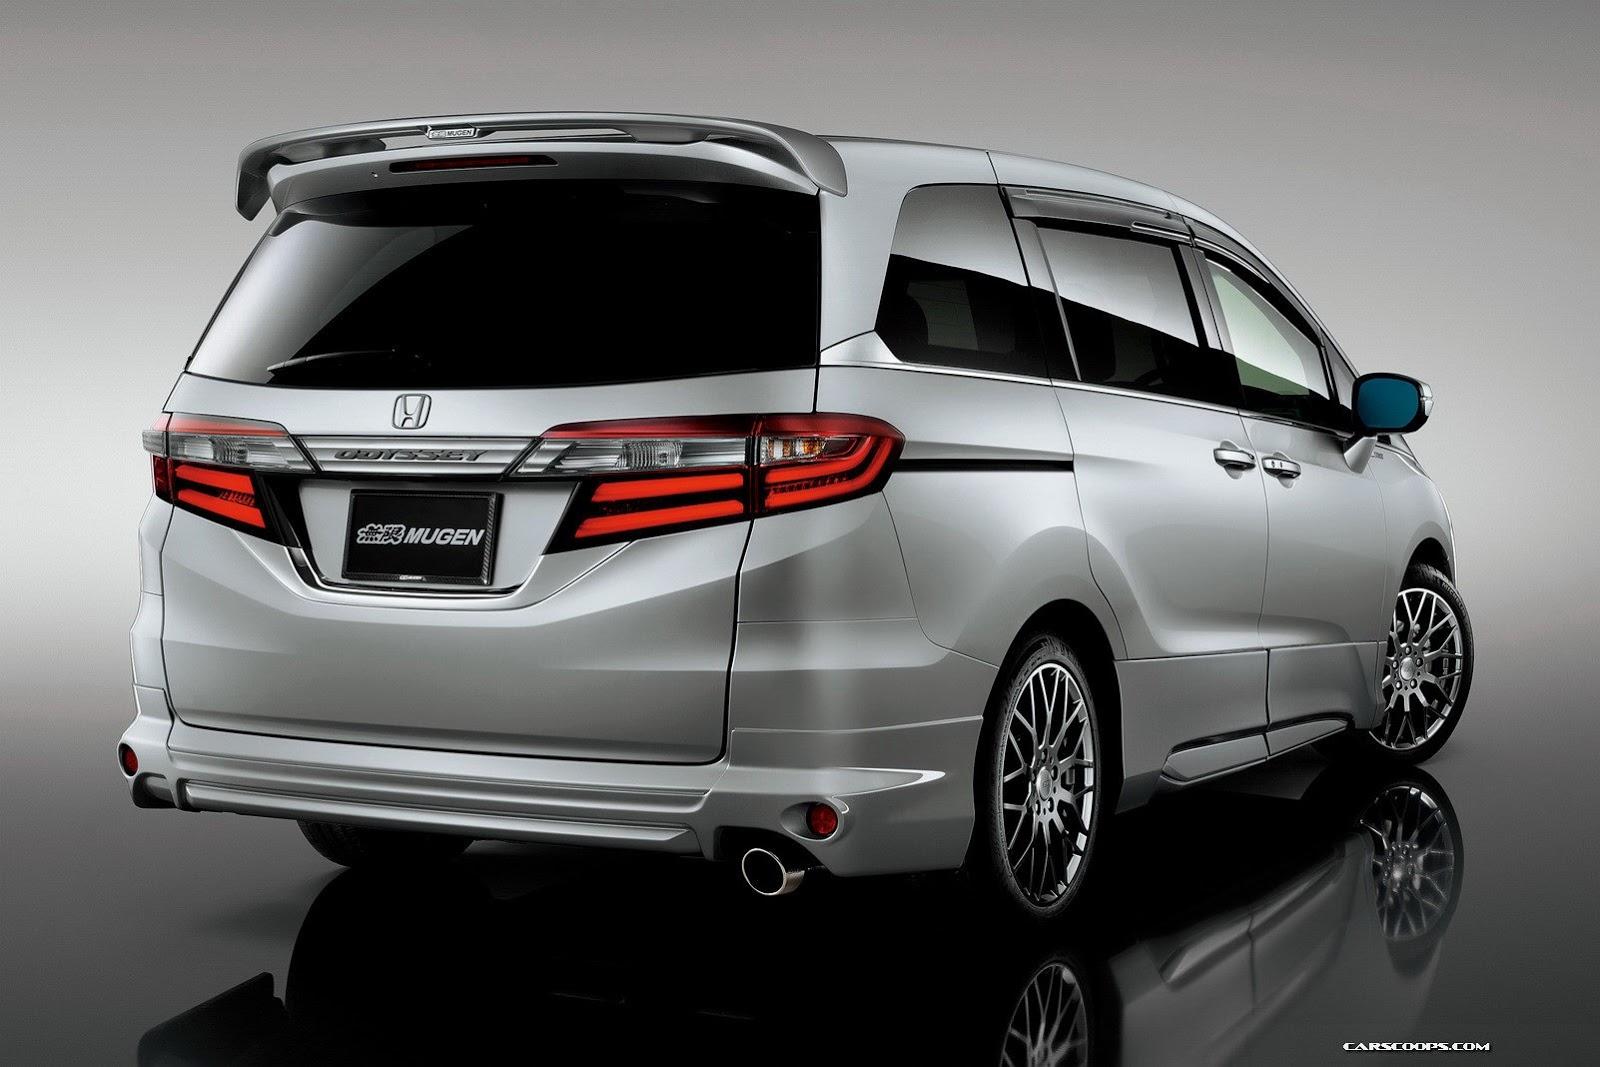 """ค่ายแต่งรถสุดดัง Megen เปิดตัว """"JDM 2014 Honda Odyssey ..."""